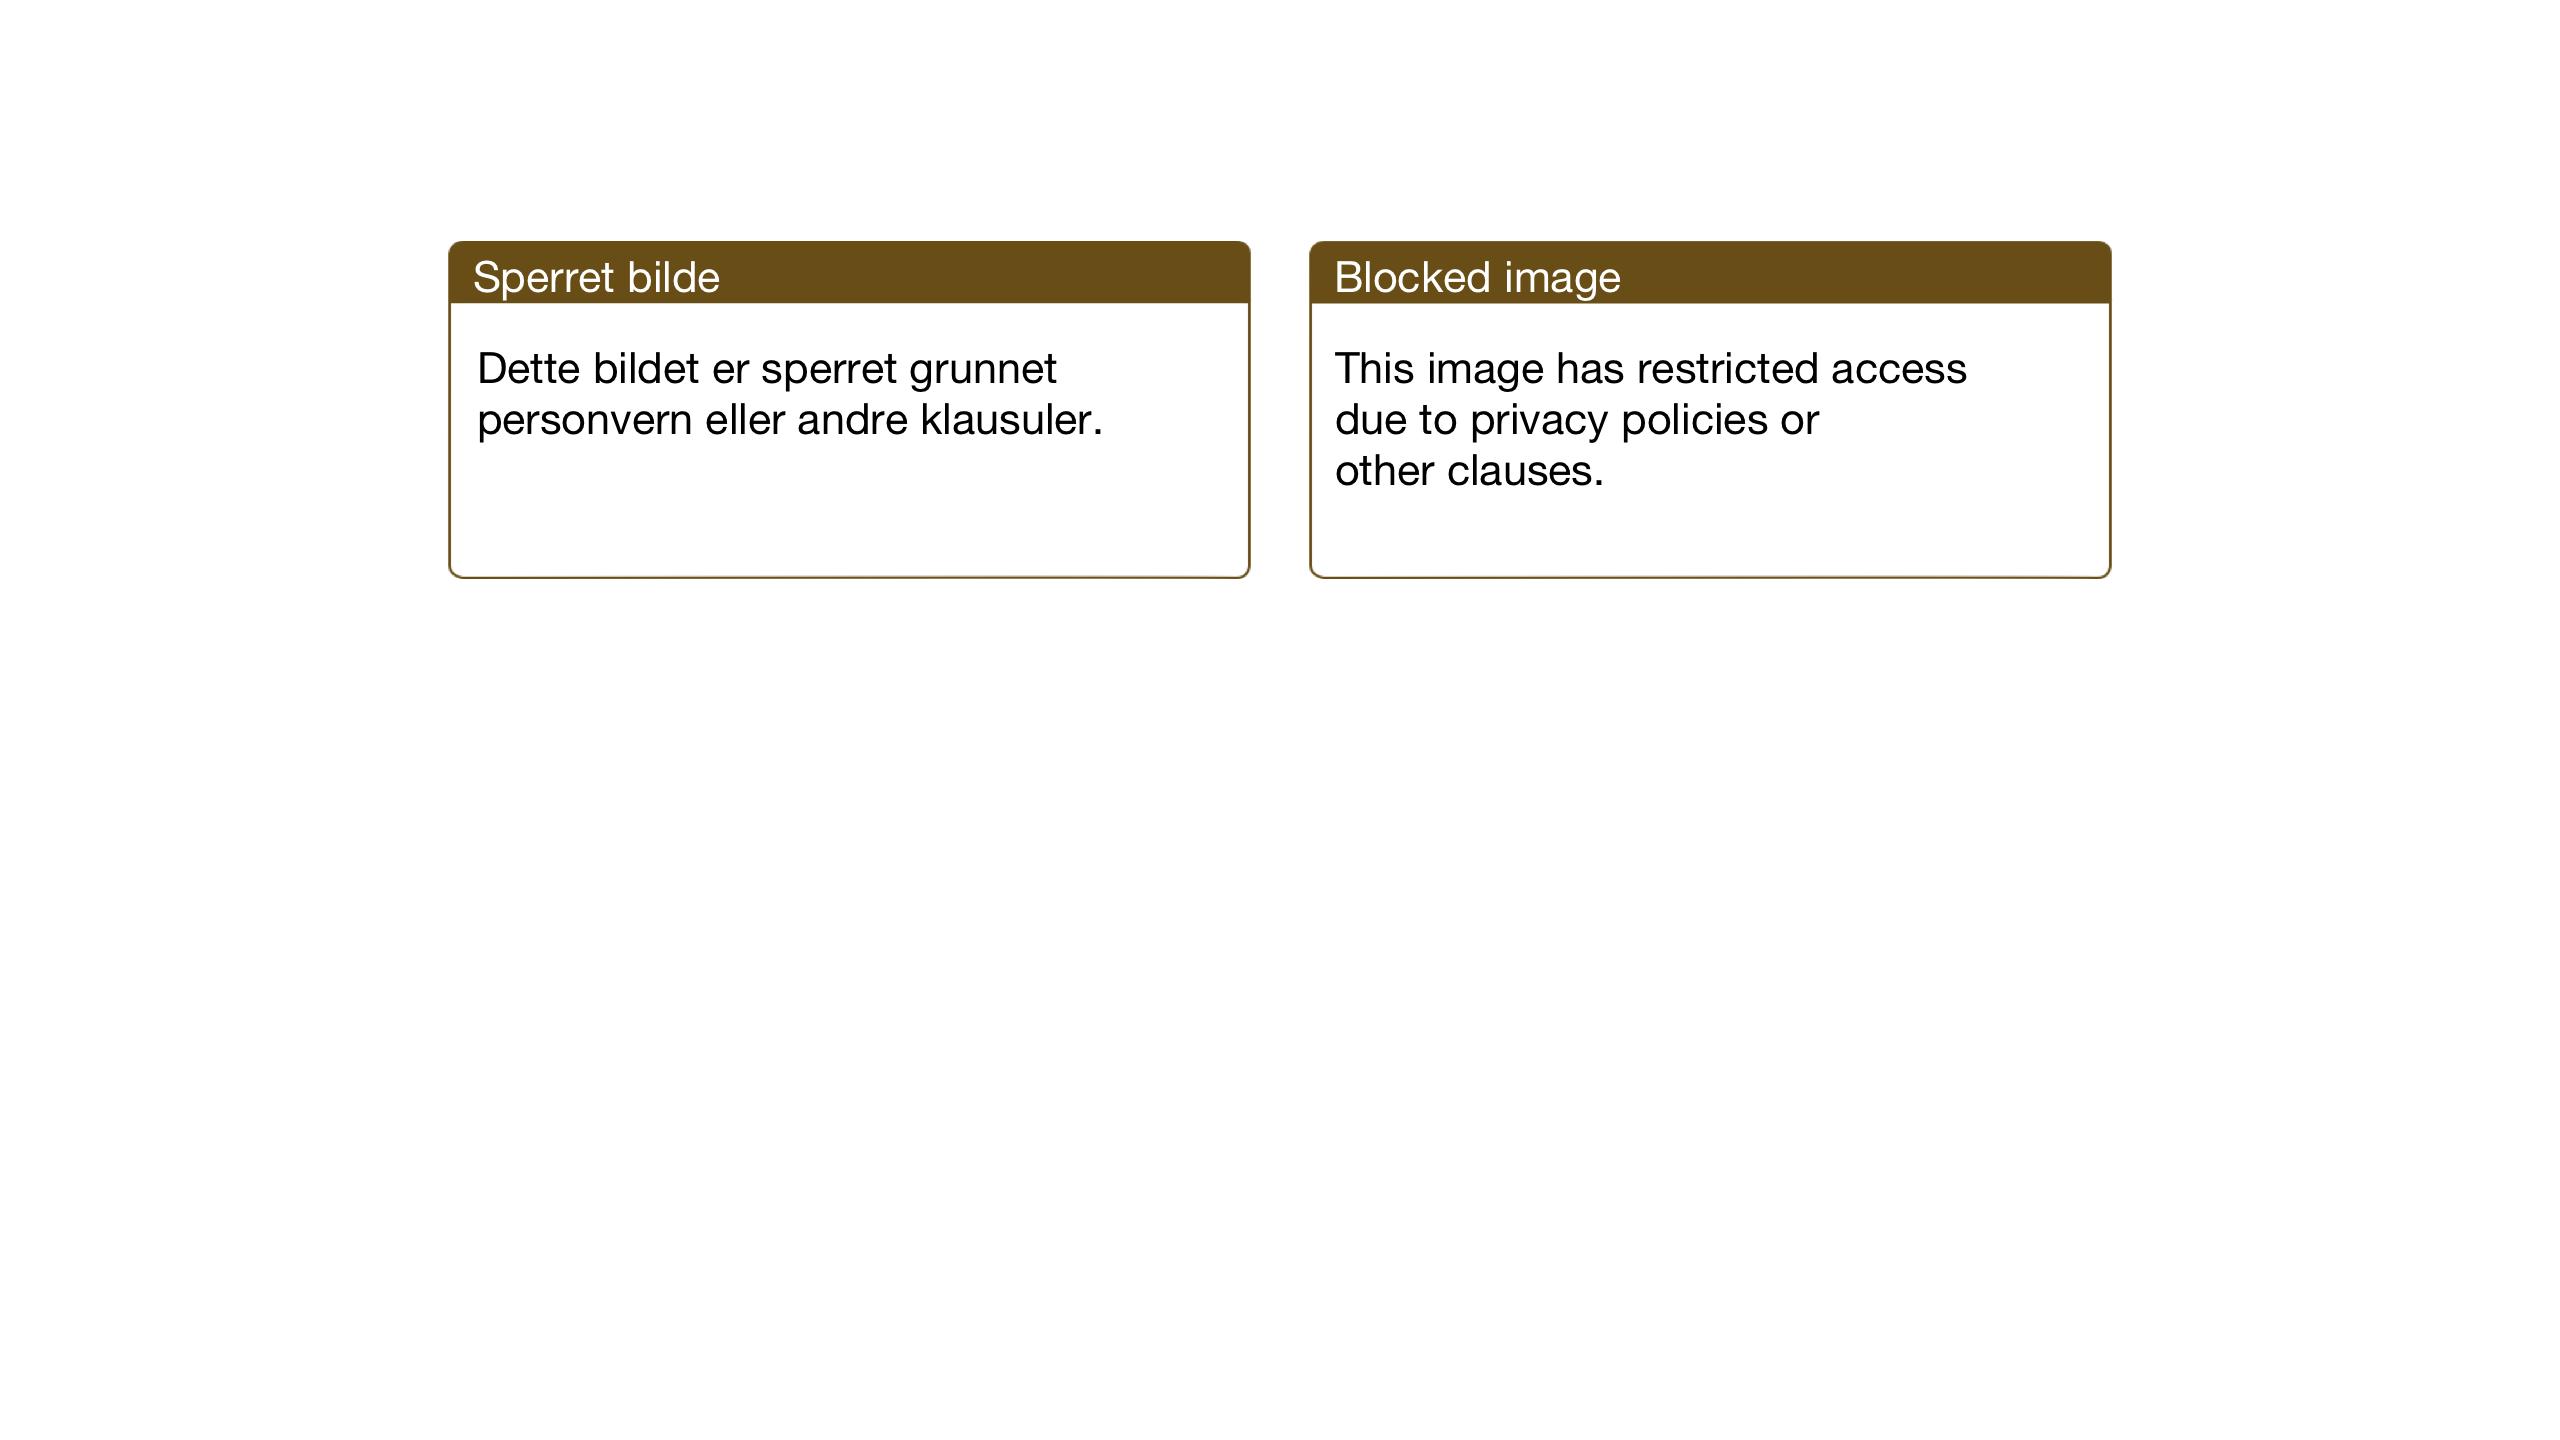 SAT, Ministerialprotokoller, klokkerbøker og fødselsregistre - Sør-Trøndelag, 682/L0947: Klokkerbok nr. 682C01, 1926-1968, s. 97